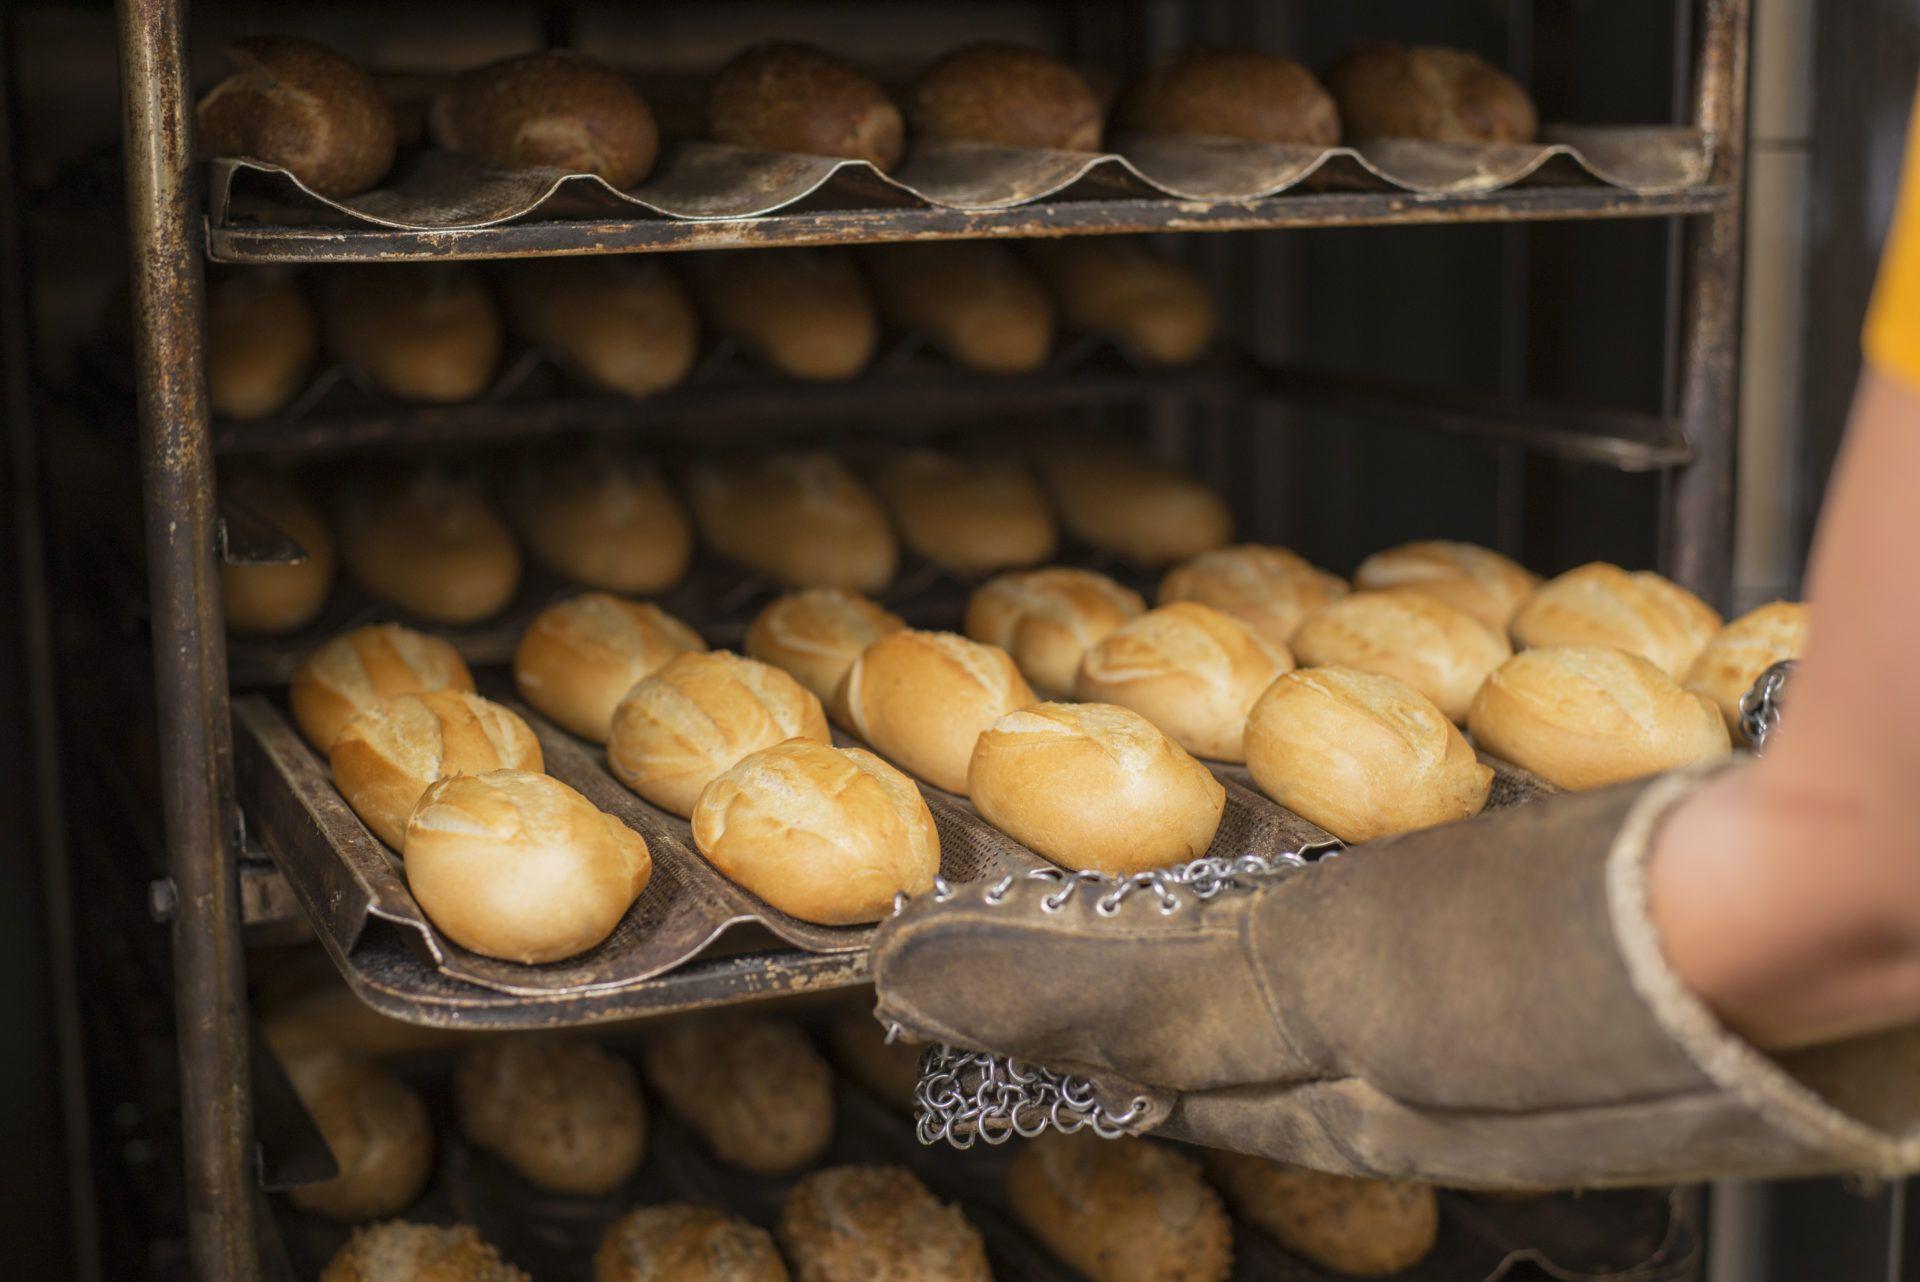 Los panaderos decretaron la emergencia nacional y amenazan con no pagar más impuestos